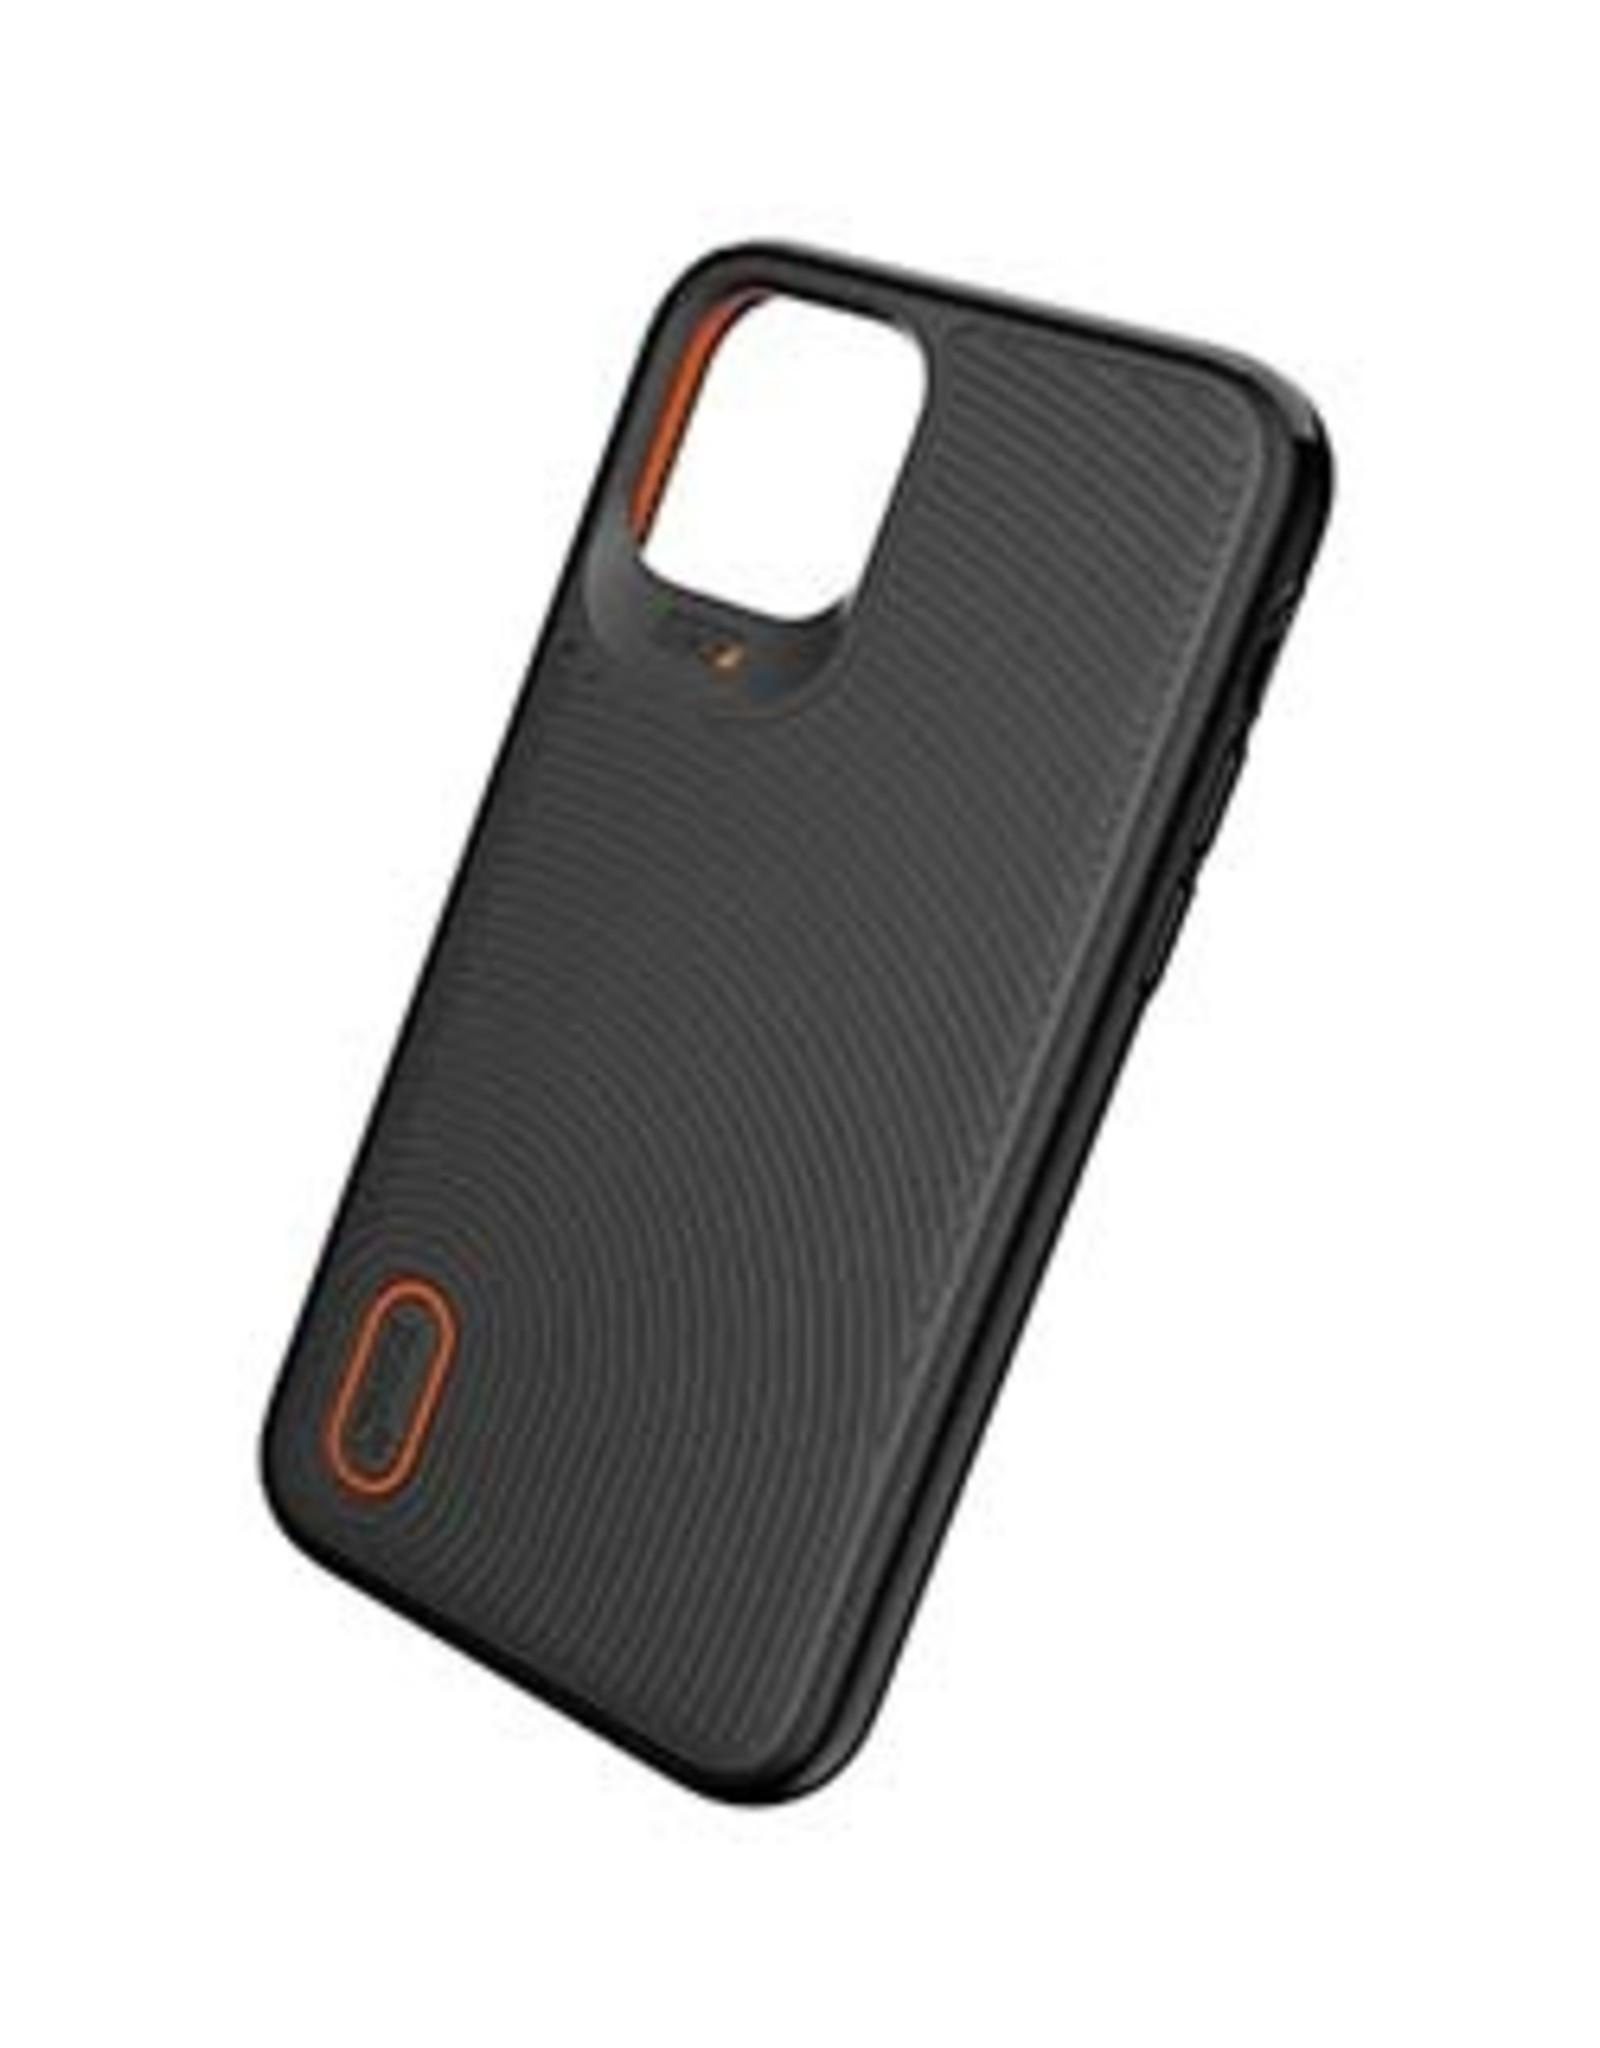 GEAR4 GEAR4 | iPhone 11 Pro D3O Black Battersea Case 15-04762